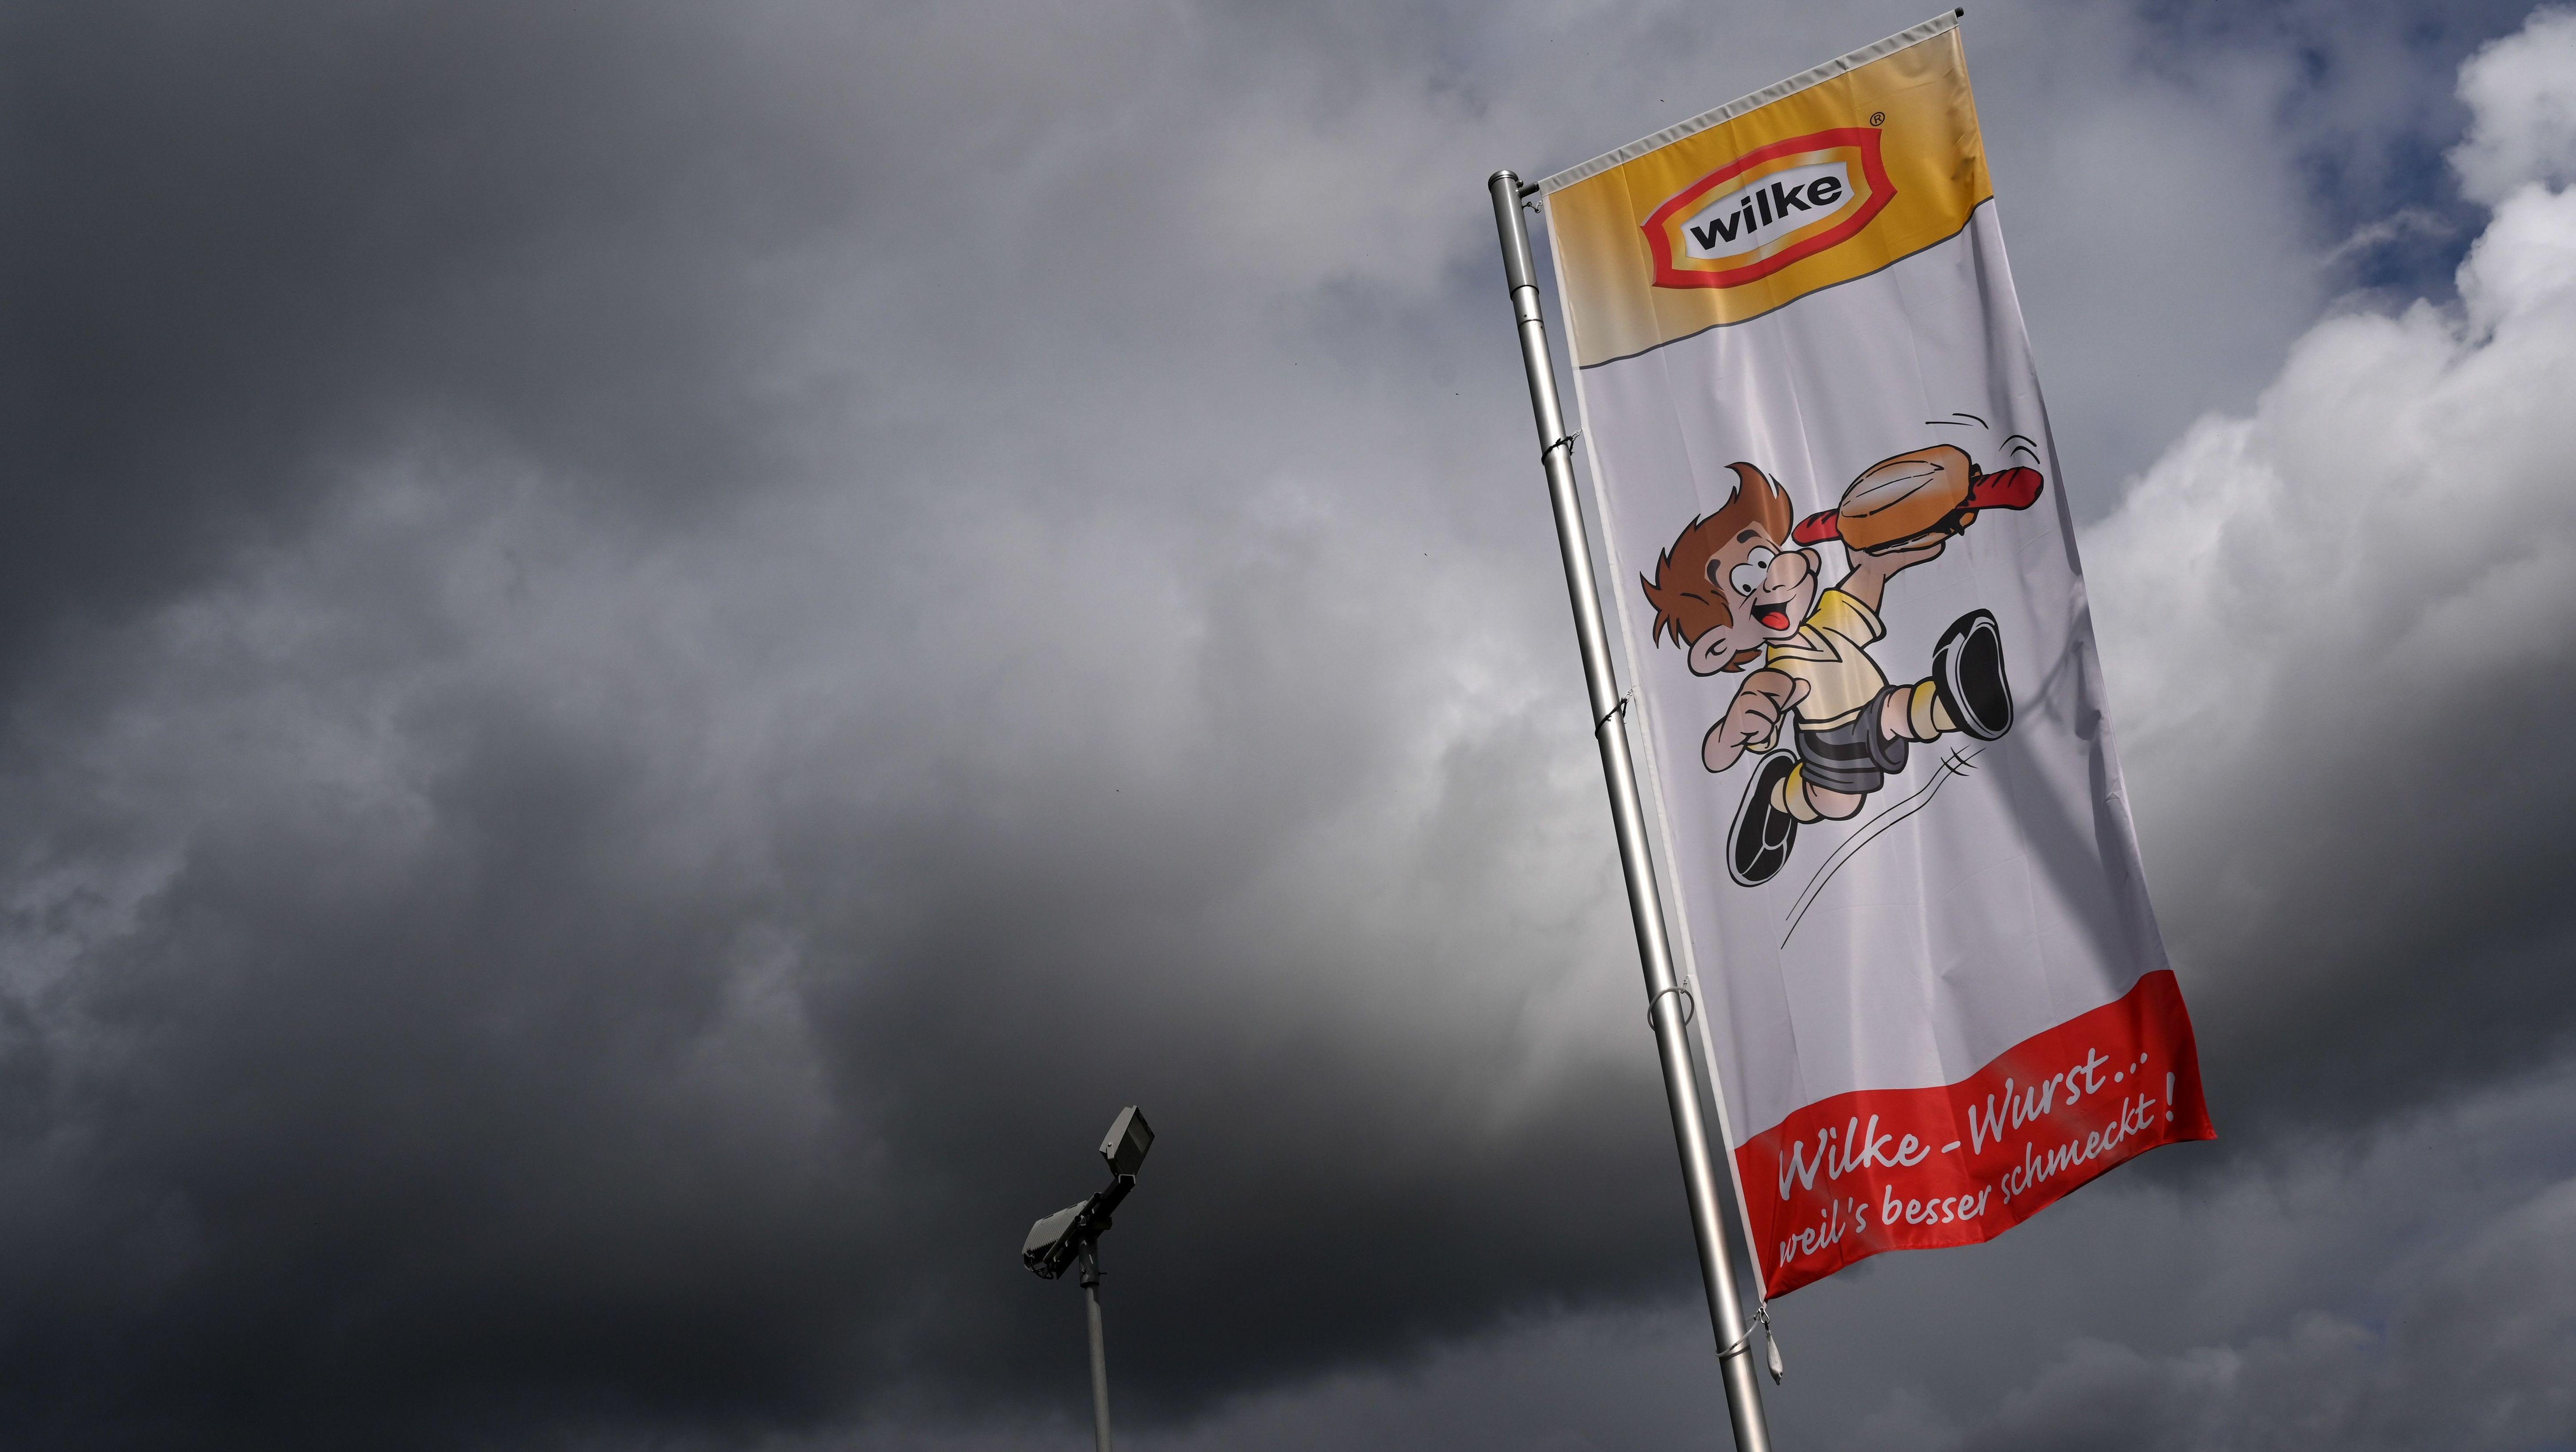 Werbefahne des Fleischherstellers Wilke Wurstwaren